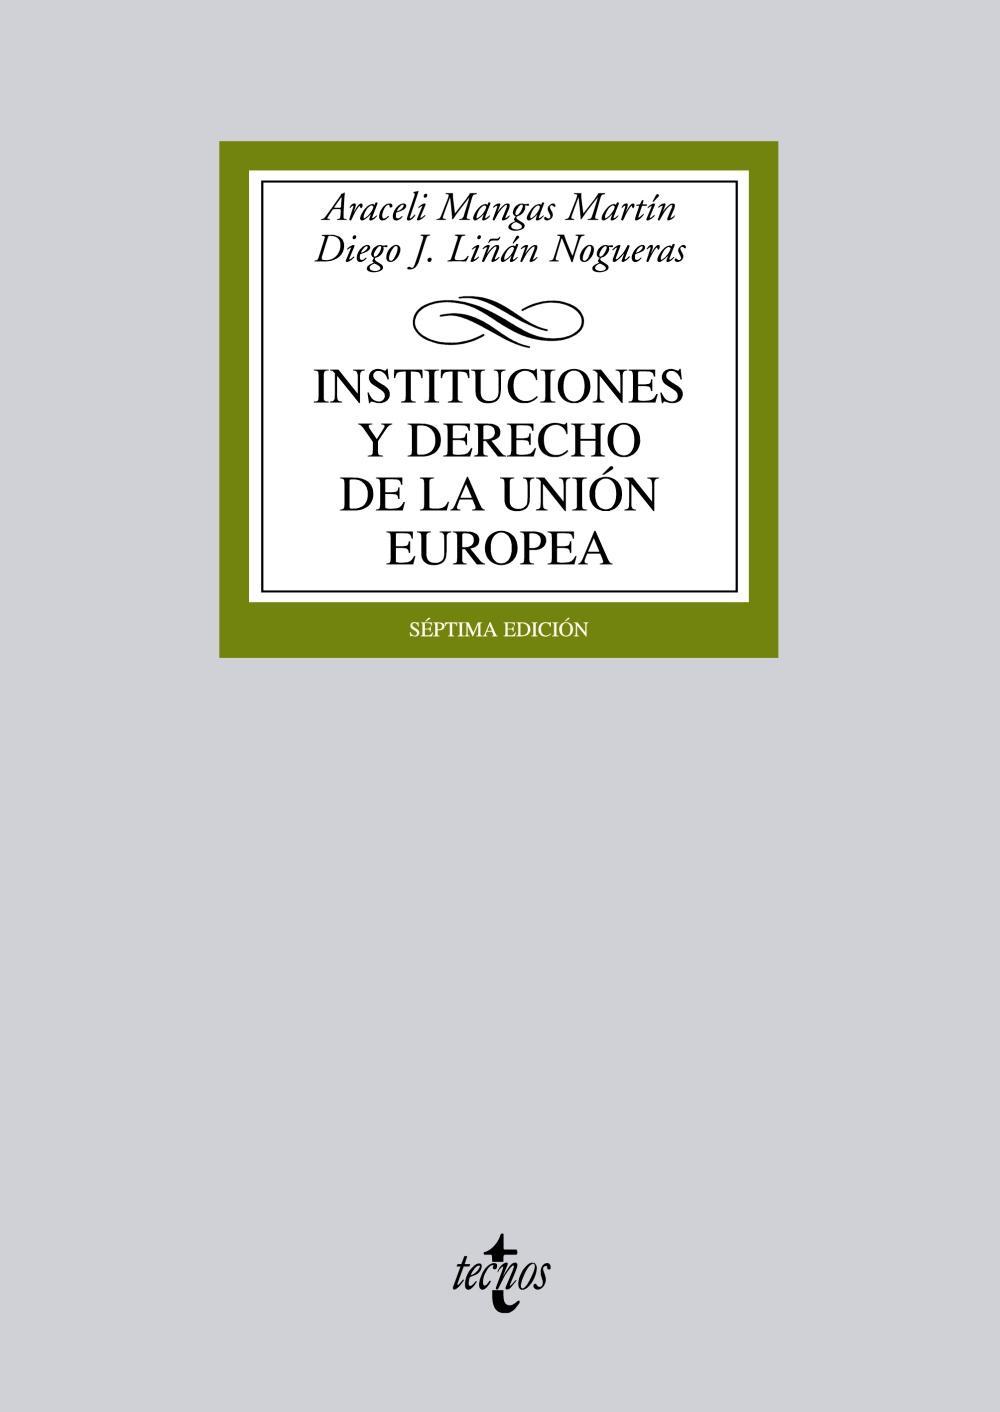 Descargar INSTITUCIONES Y DERECHO DE LA UNION EUROPEA